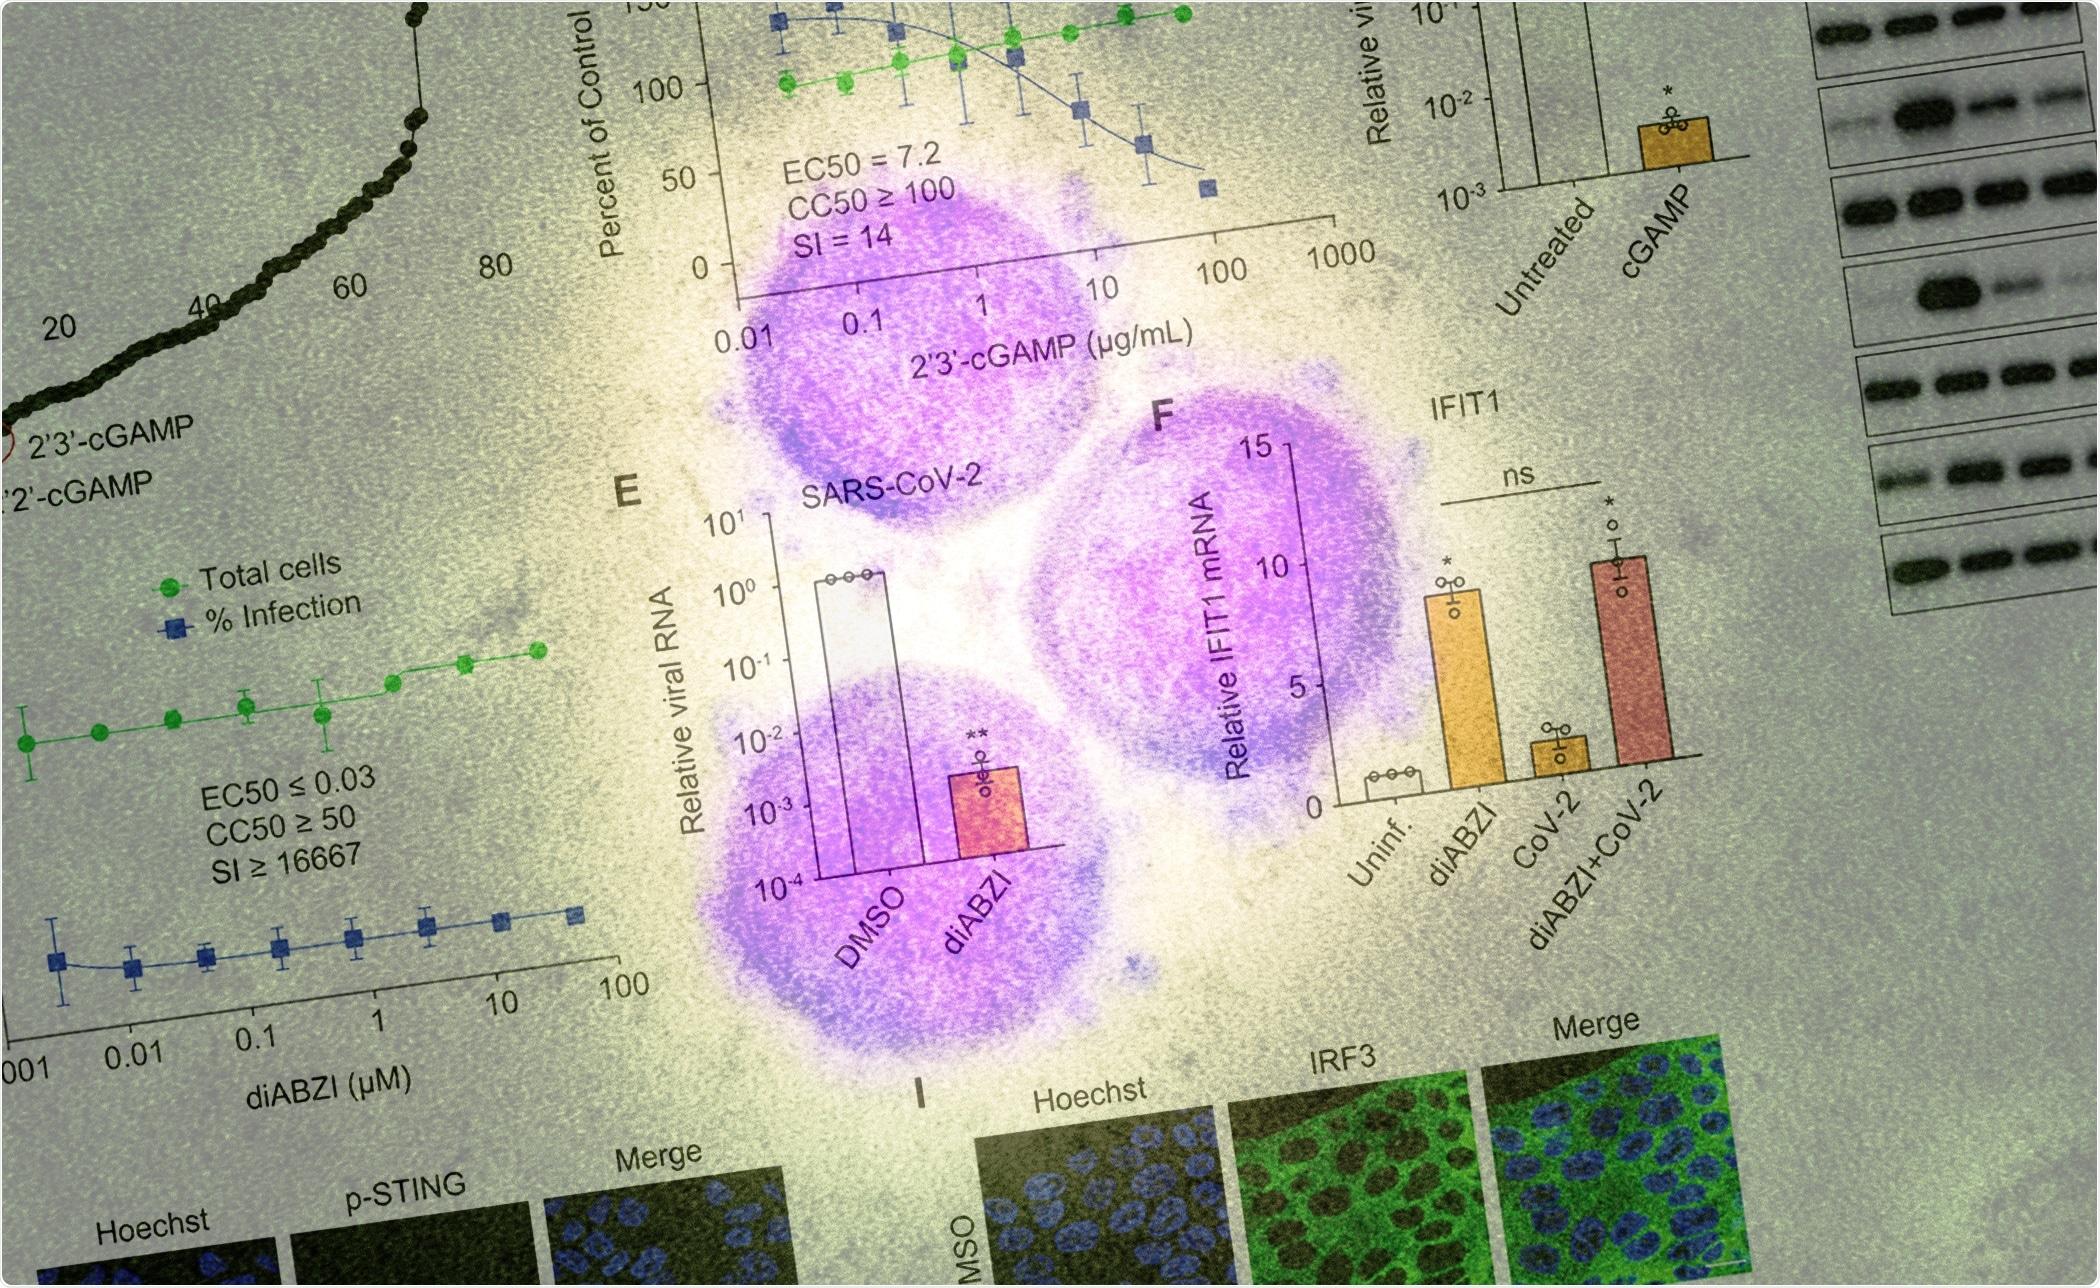 Estudio: La activación farmacológica de STING bloquea la infección por SARS-CoV-2.  Crédito de la imagen: Science Immunology y NIAID